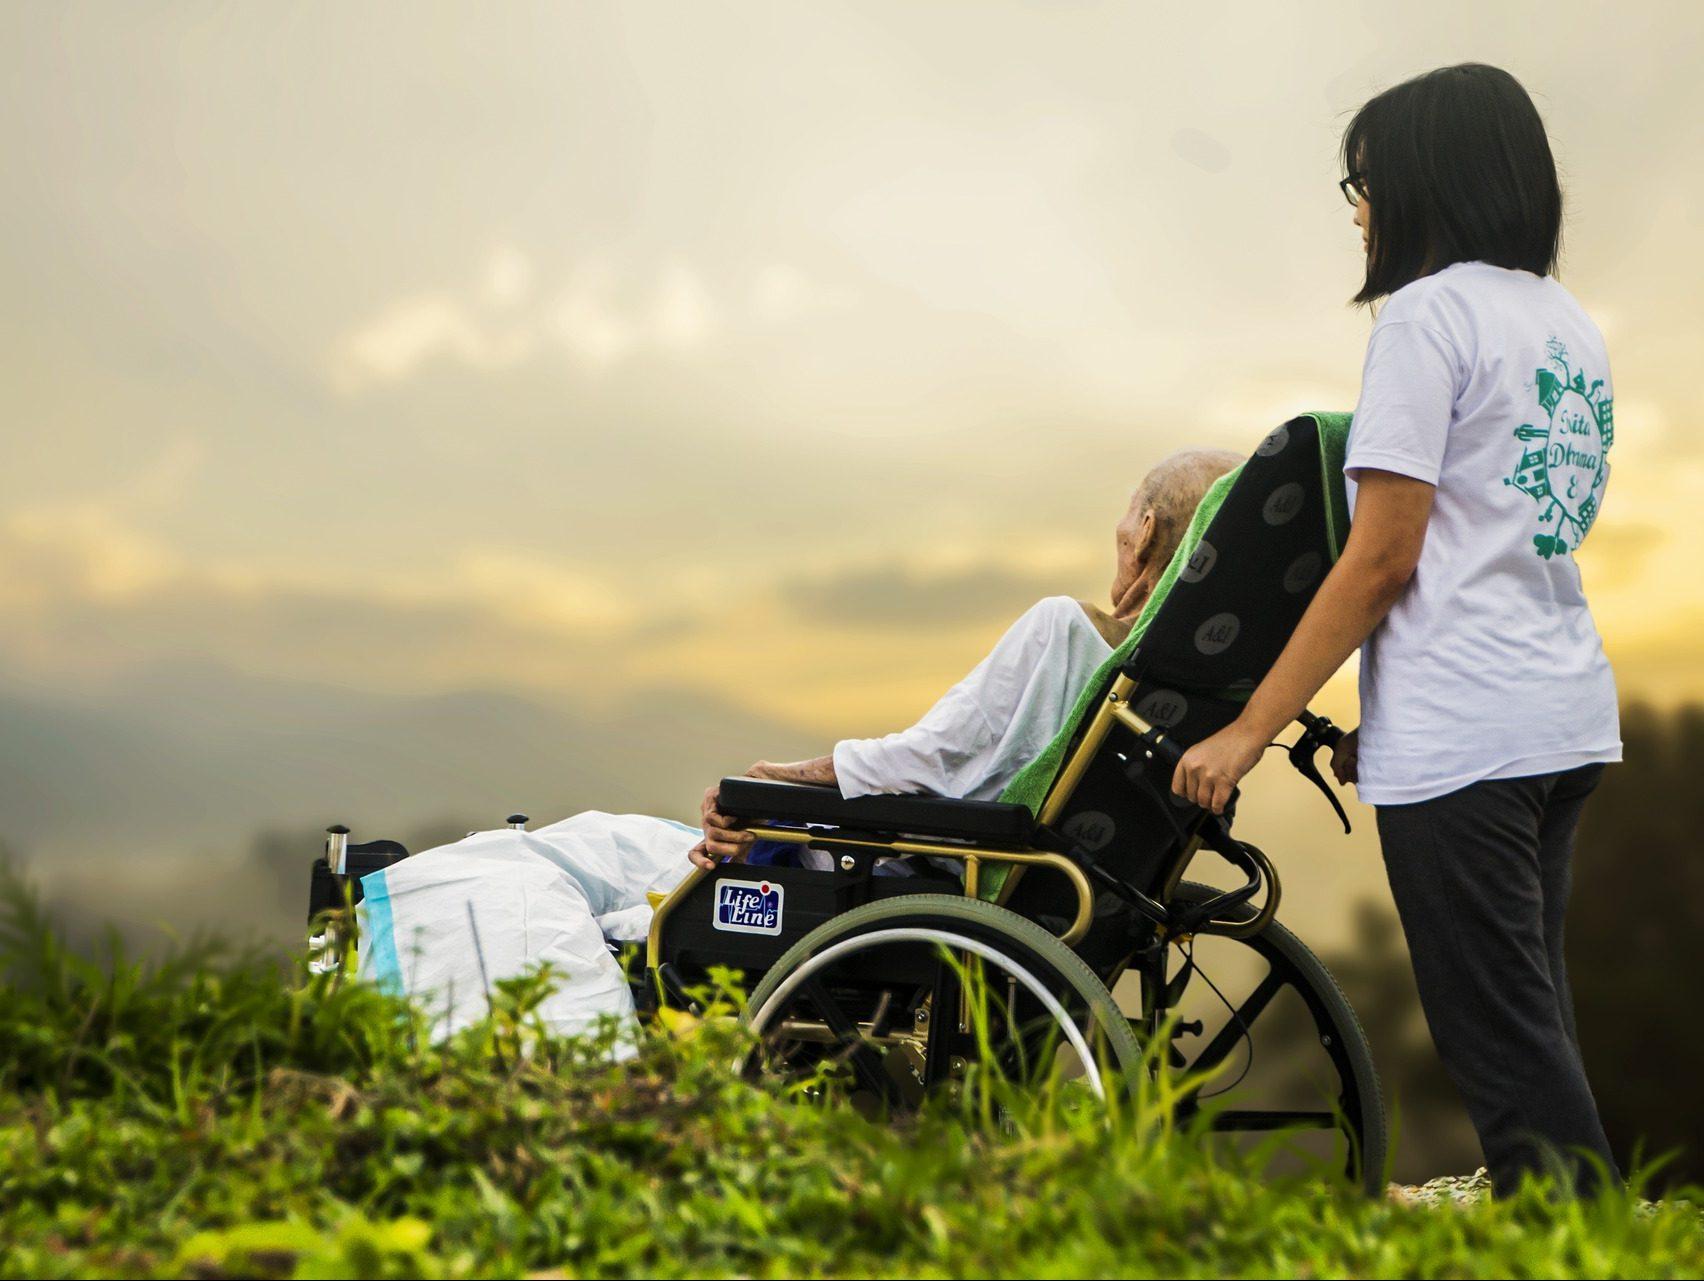 kaigo - 【必要不可欠】介護福祉士に求められる資質とは?